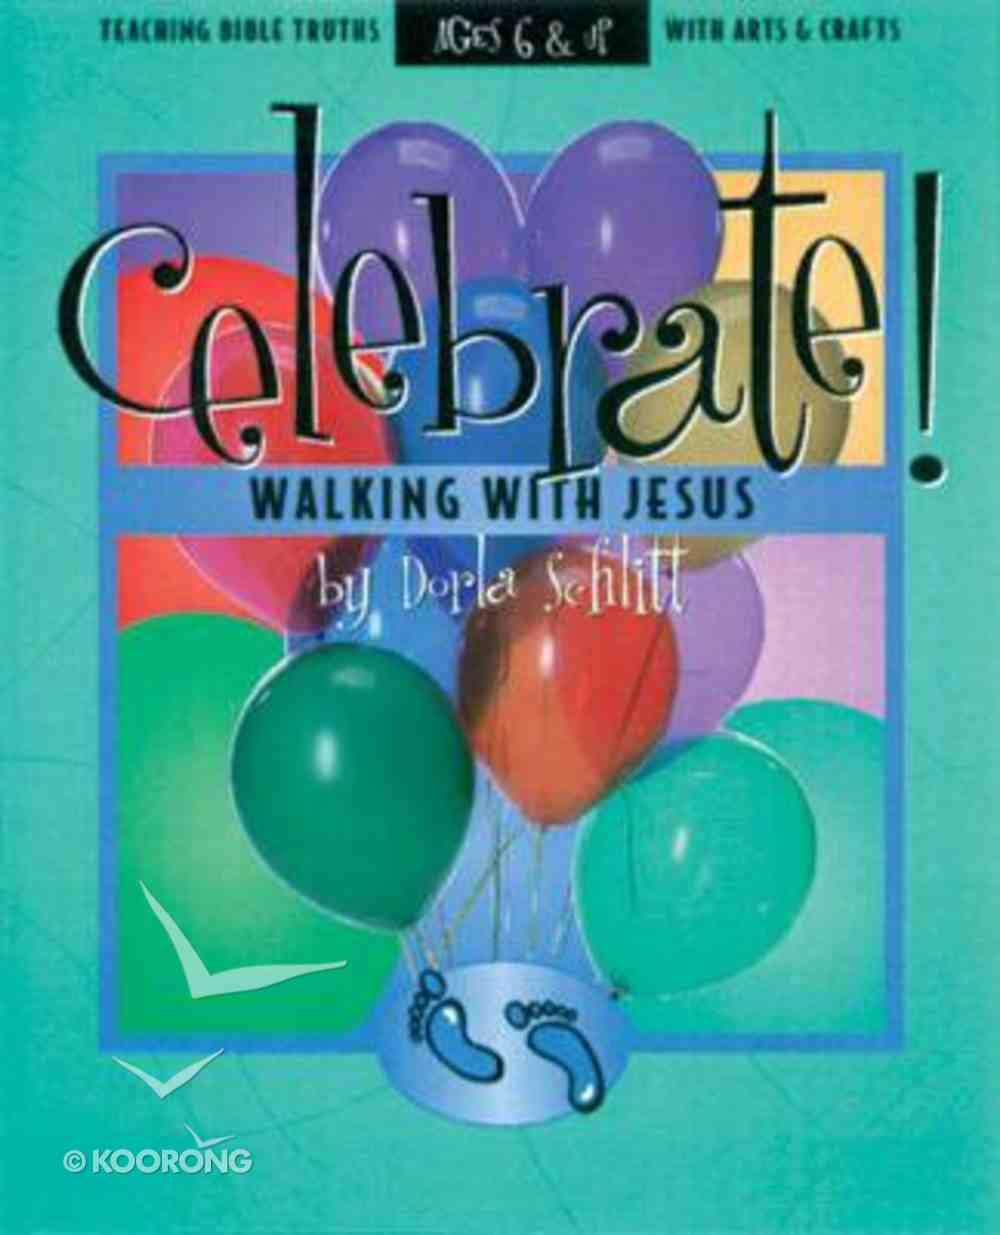 Celebrate! Walking With Jesus Paperback